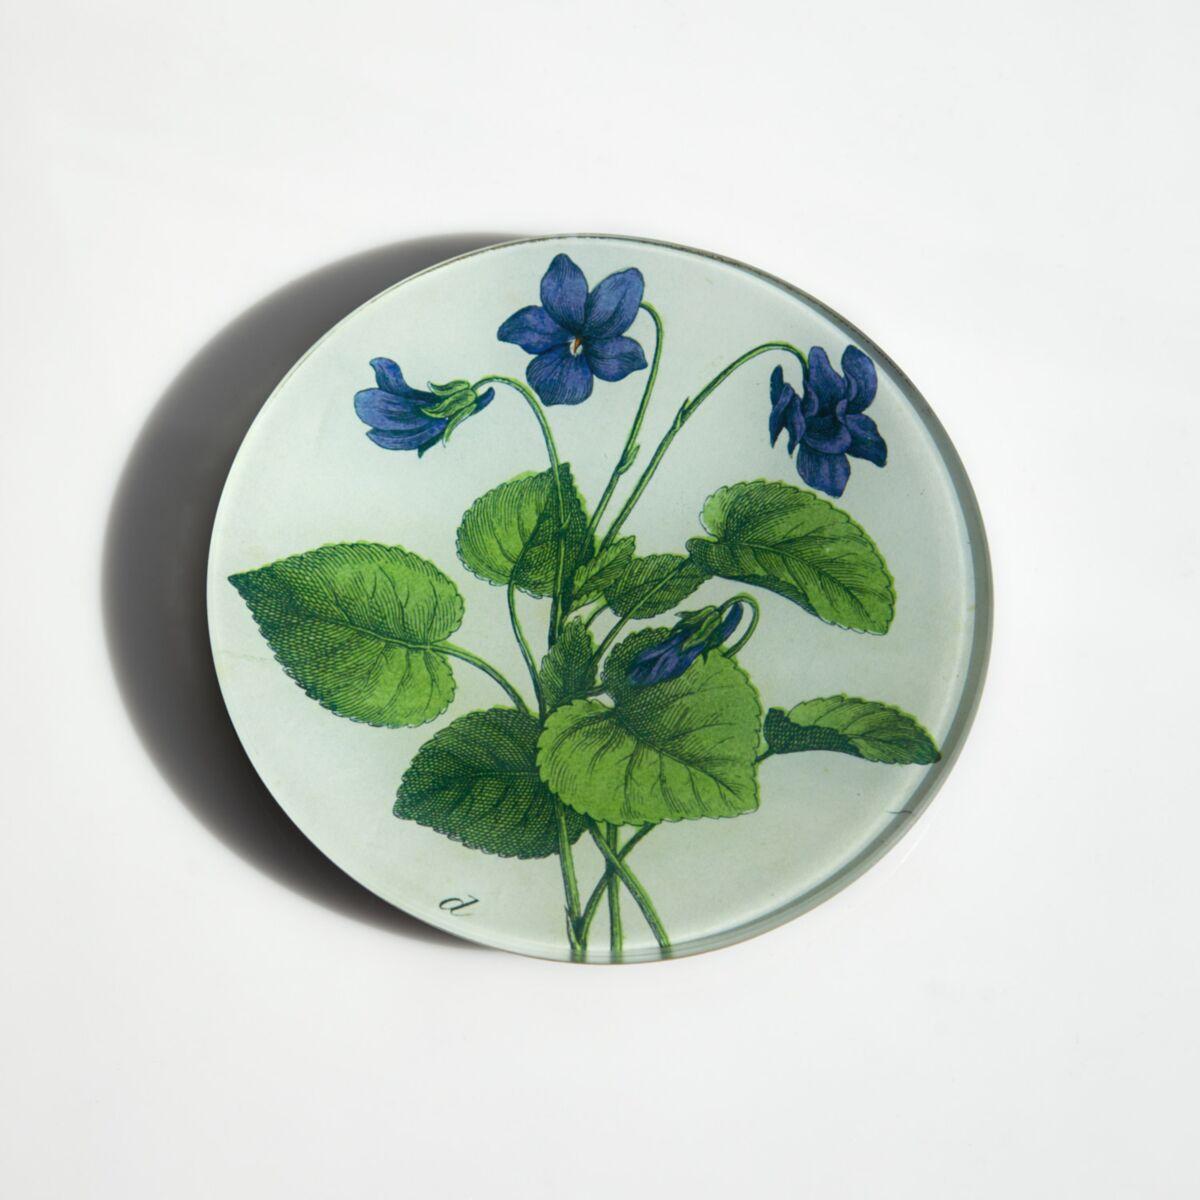 Violets Plate image